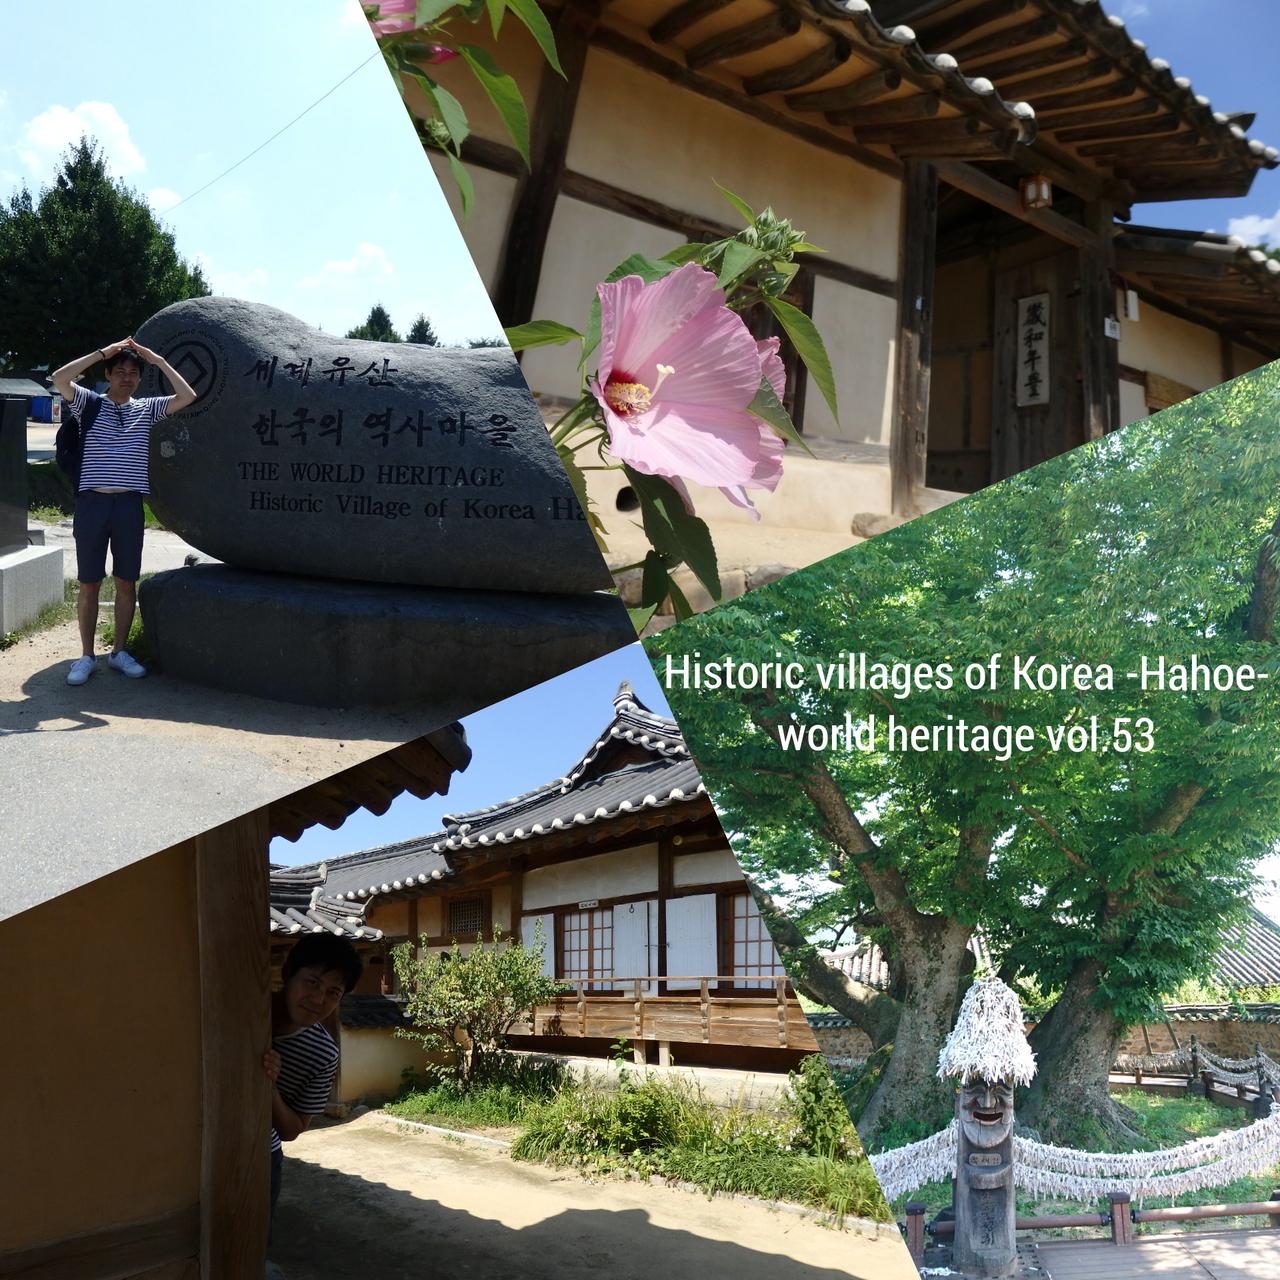 世界遺産制覇への道!其の053】大韓民国の歴史的村落:河回と良洞 ...